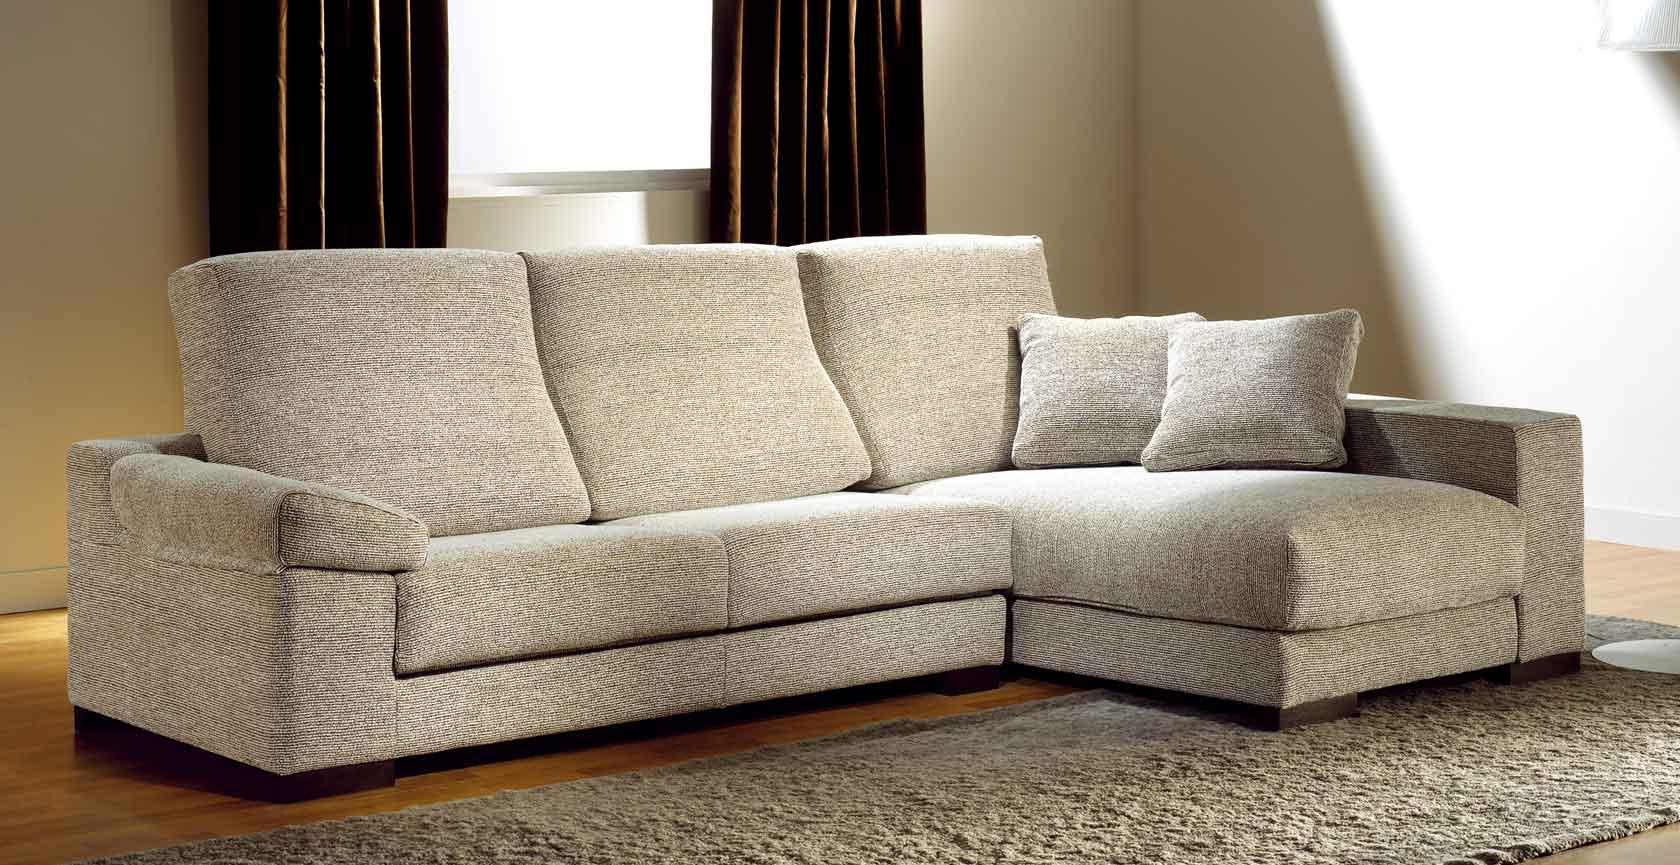 Muebles macor en directorio de empresas locoferton en bajo aragon - Fotos de sofa ...